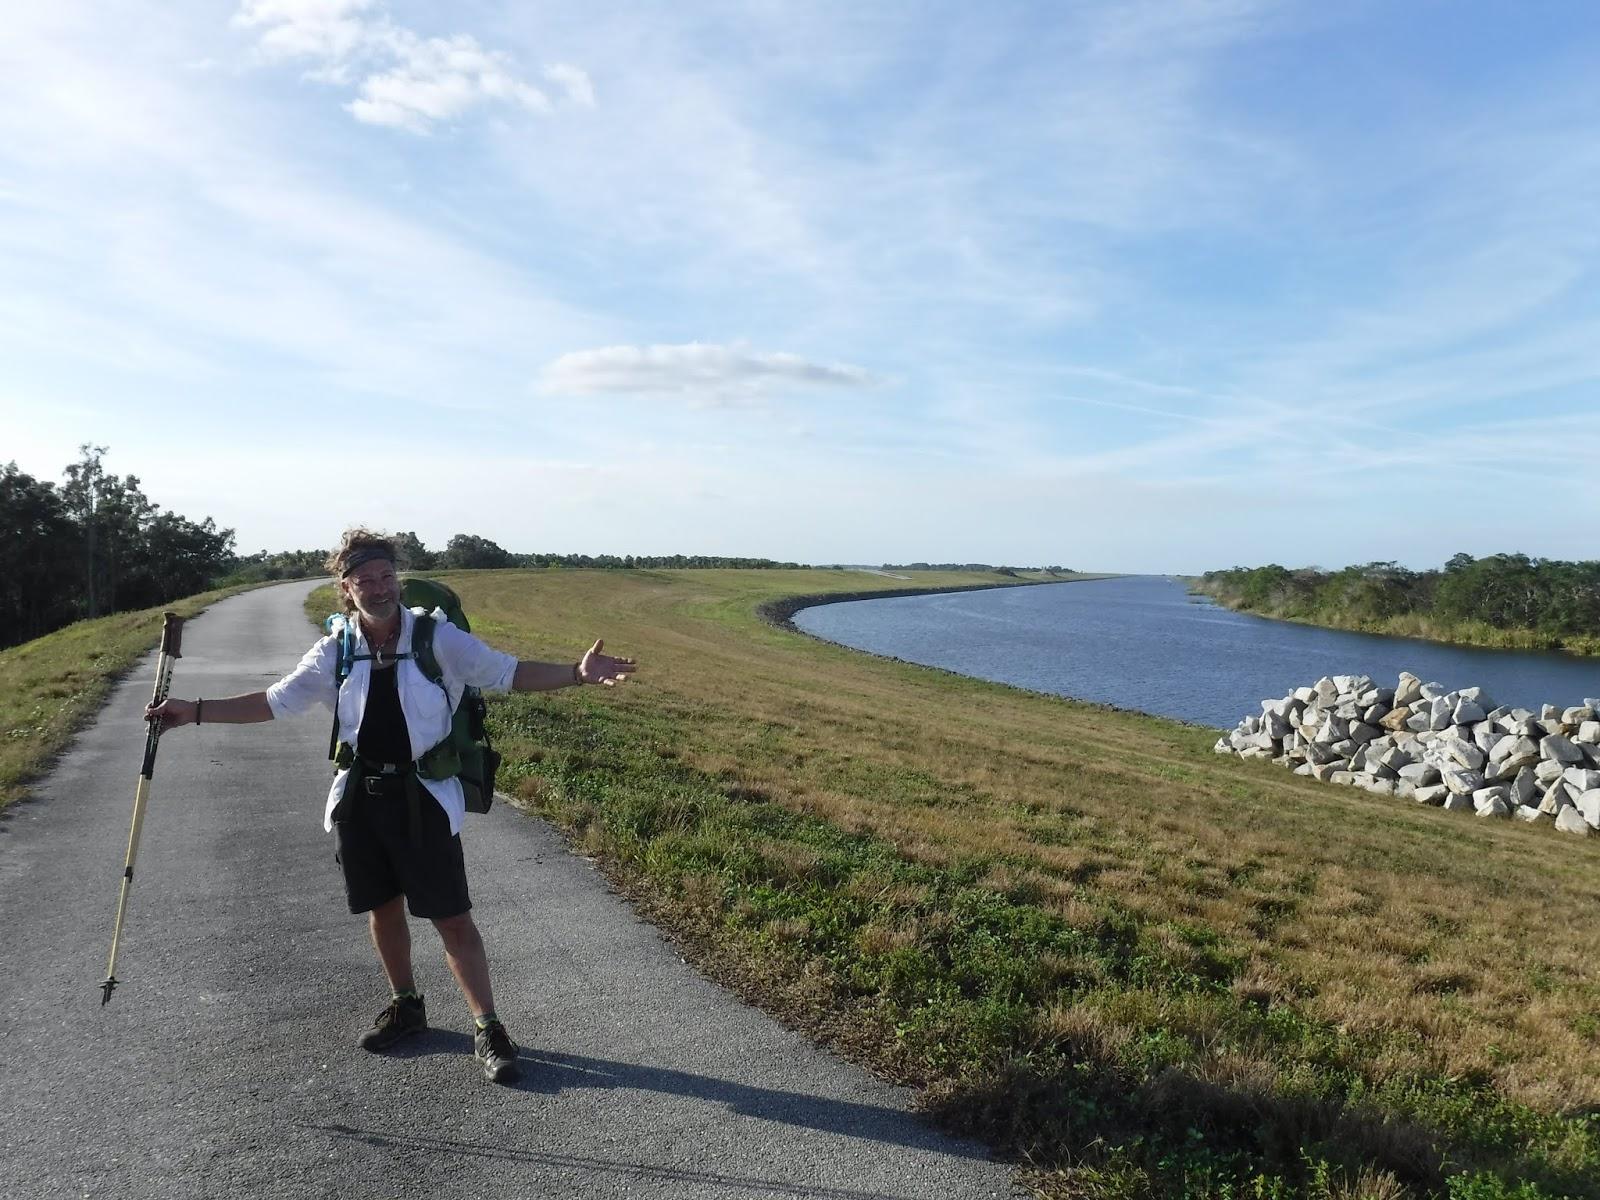 The Botanical Hiker: Lake Okeechobee - Hiking the Big